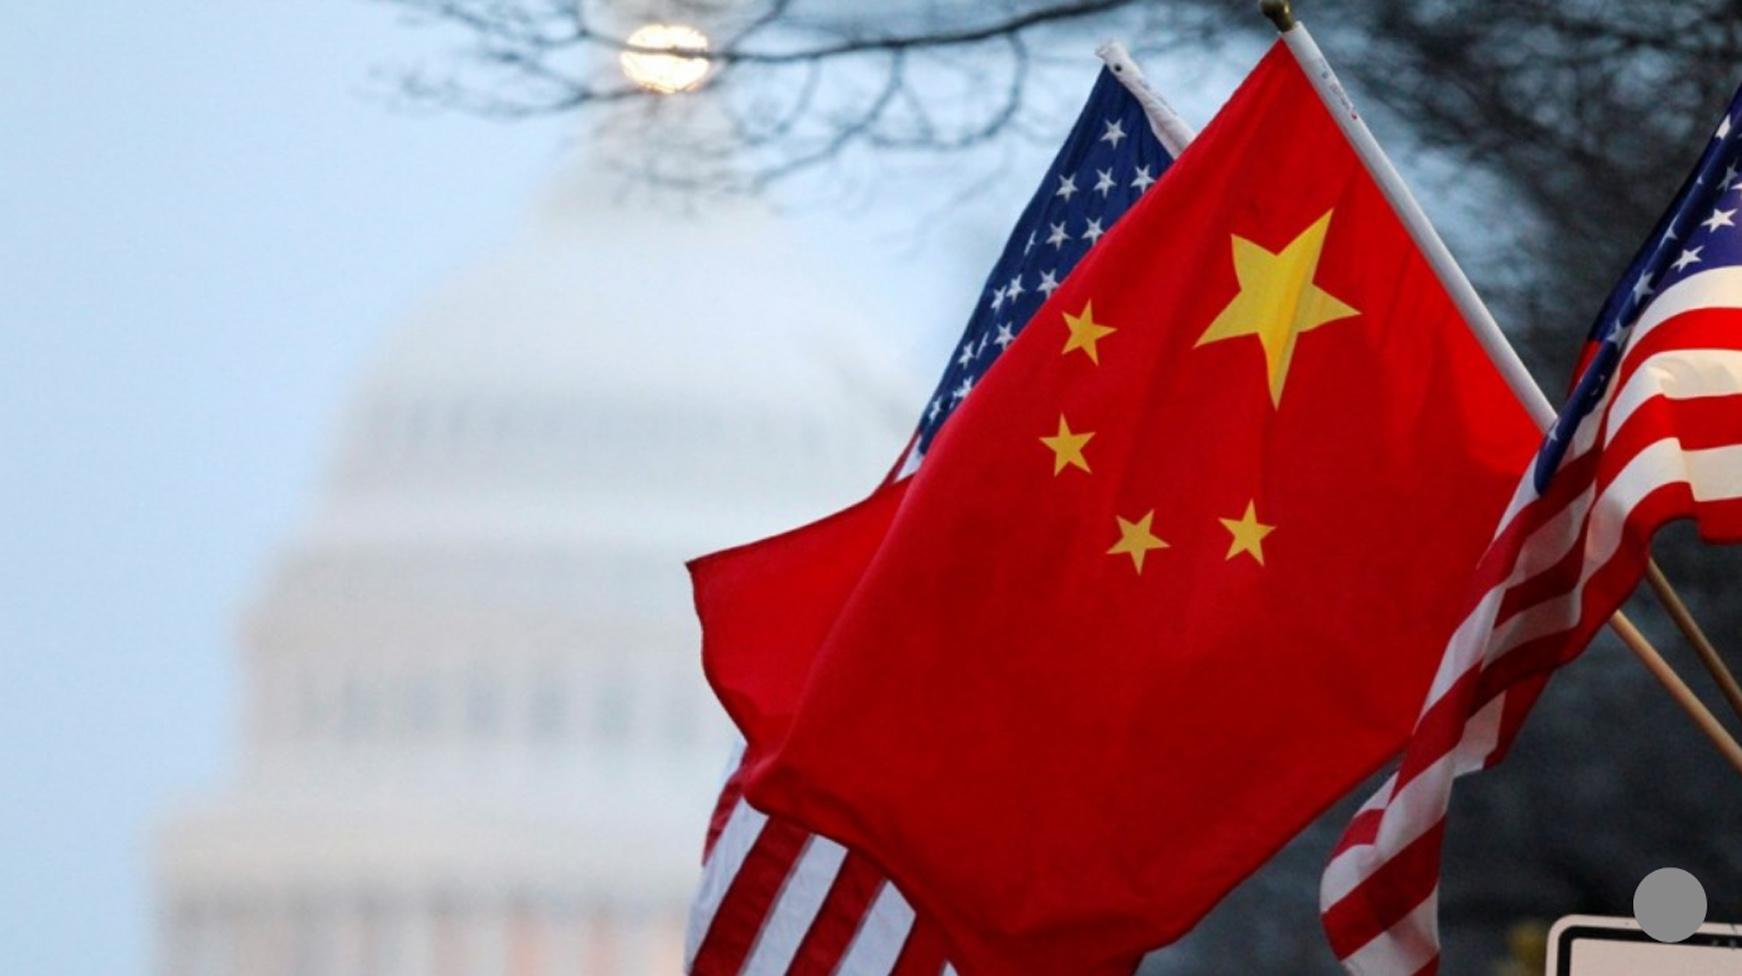 Công ty Hoa Kỳ hủy thương vụ bán lại cho Trung Cộng